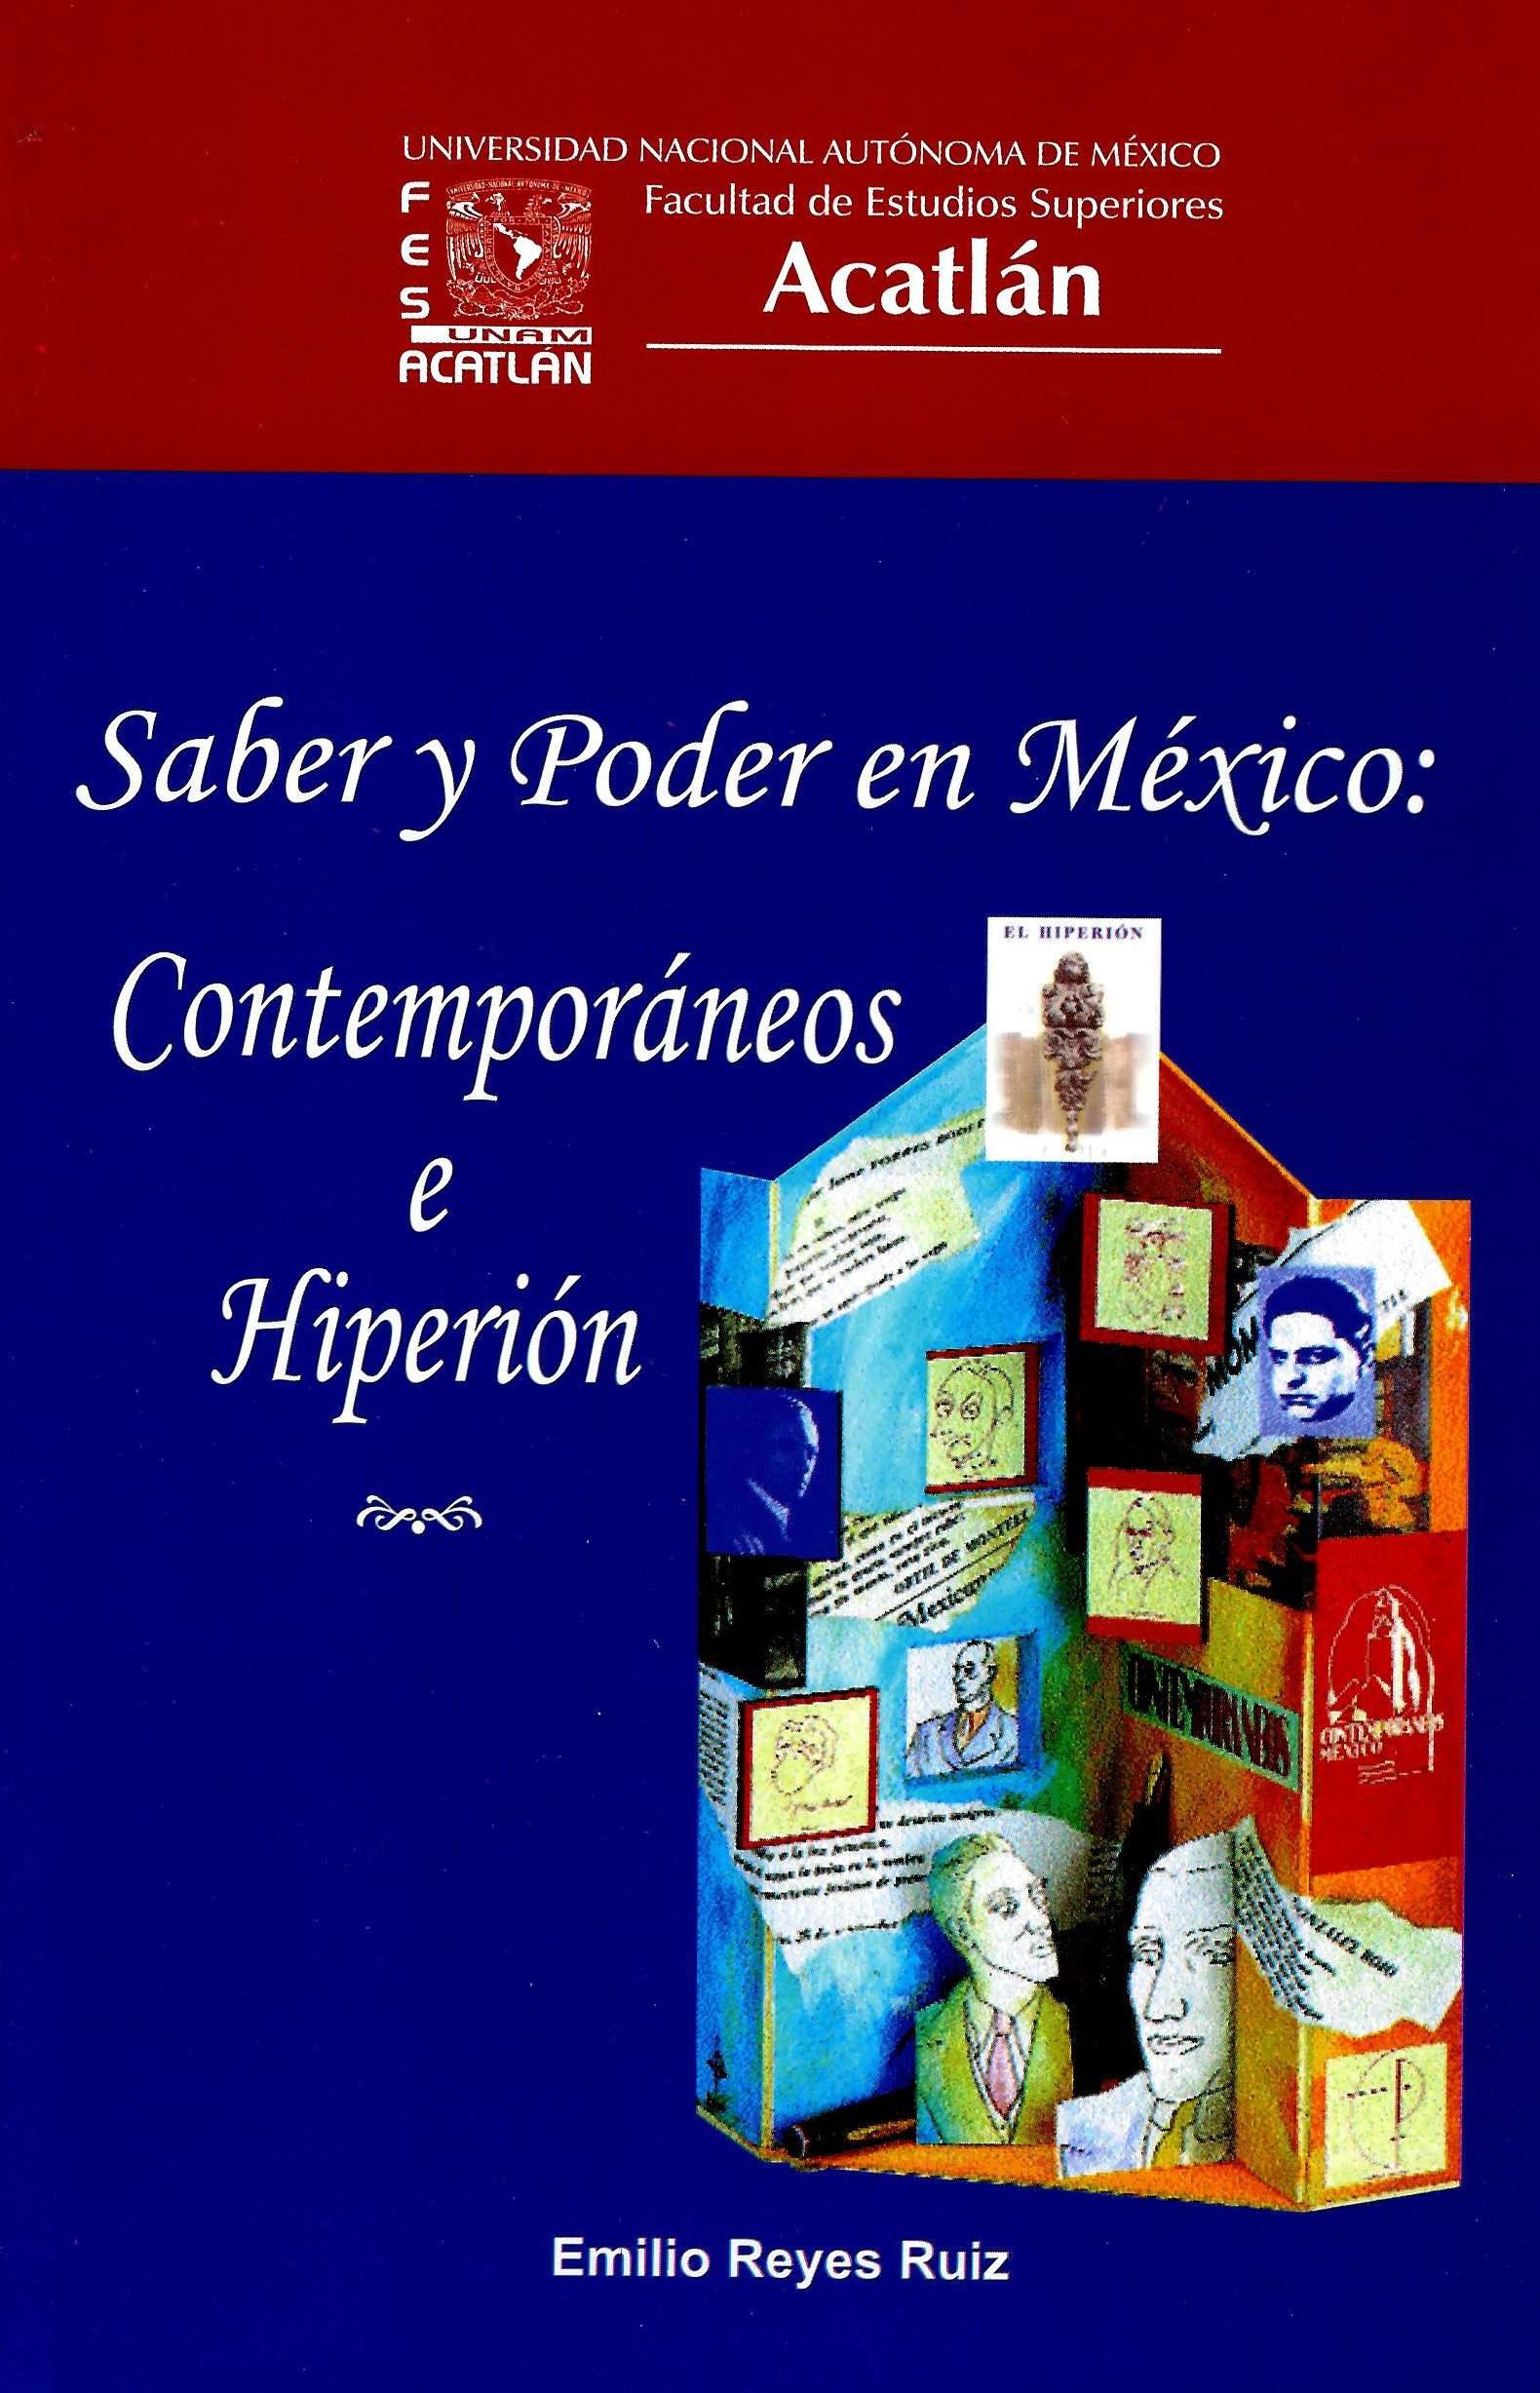 Saber y poder en México: Contemporáneos e Hiperión